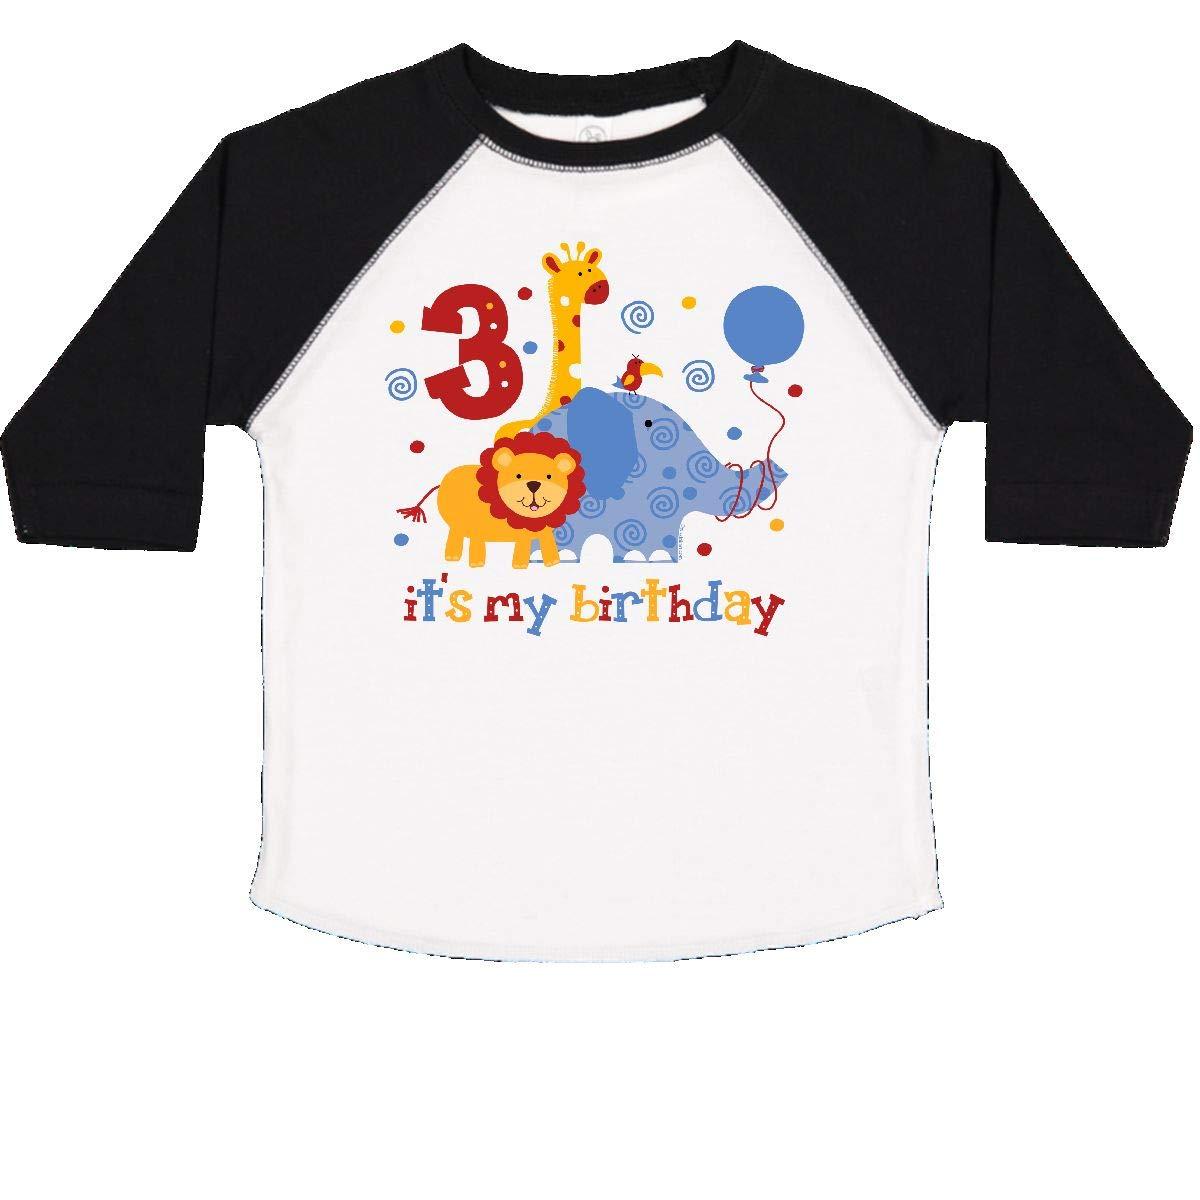 2fc6b712 Amazon.com: inktastic - Safari 3rd Birthday Toddler T-Shirt 11740: Clothing